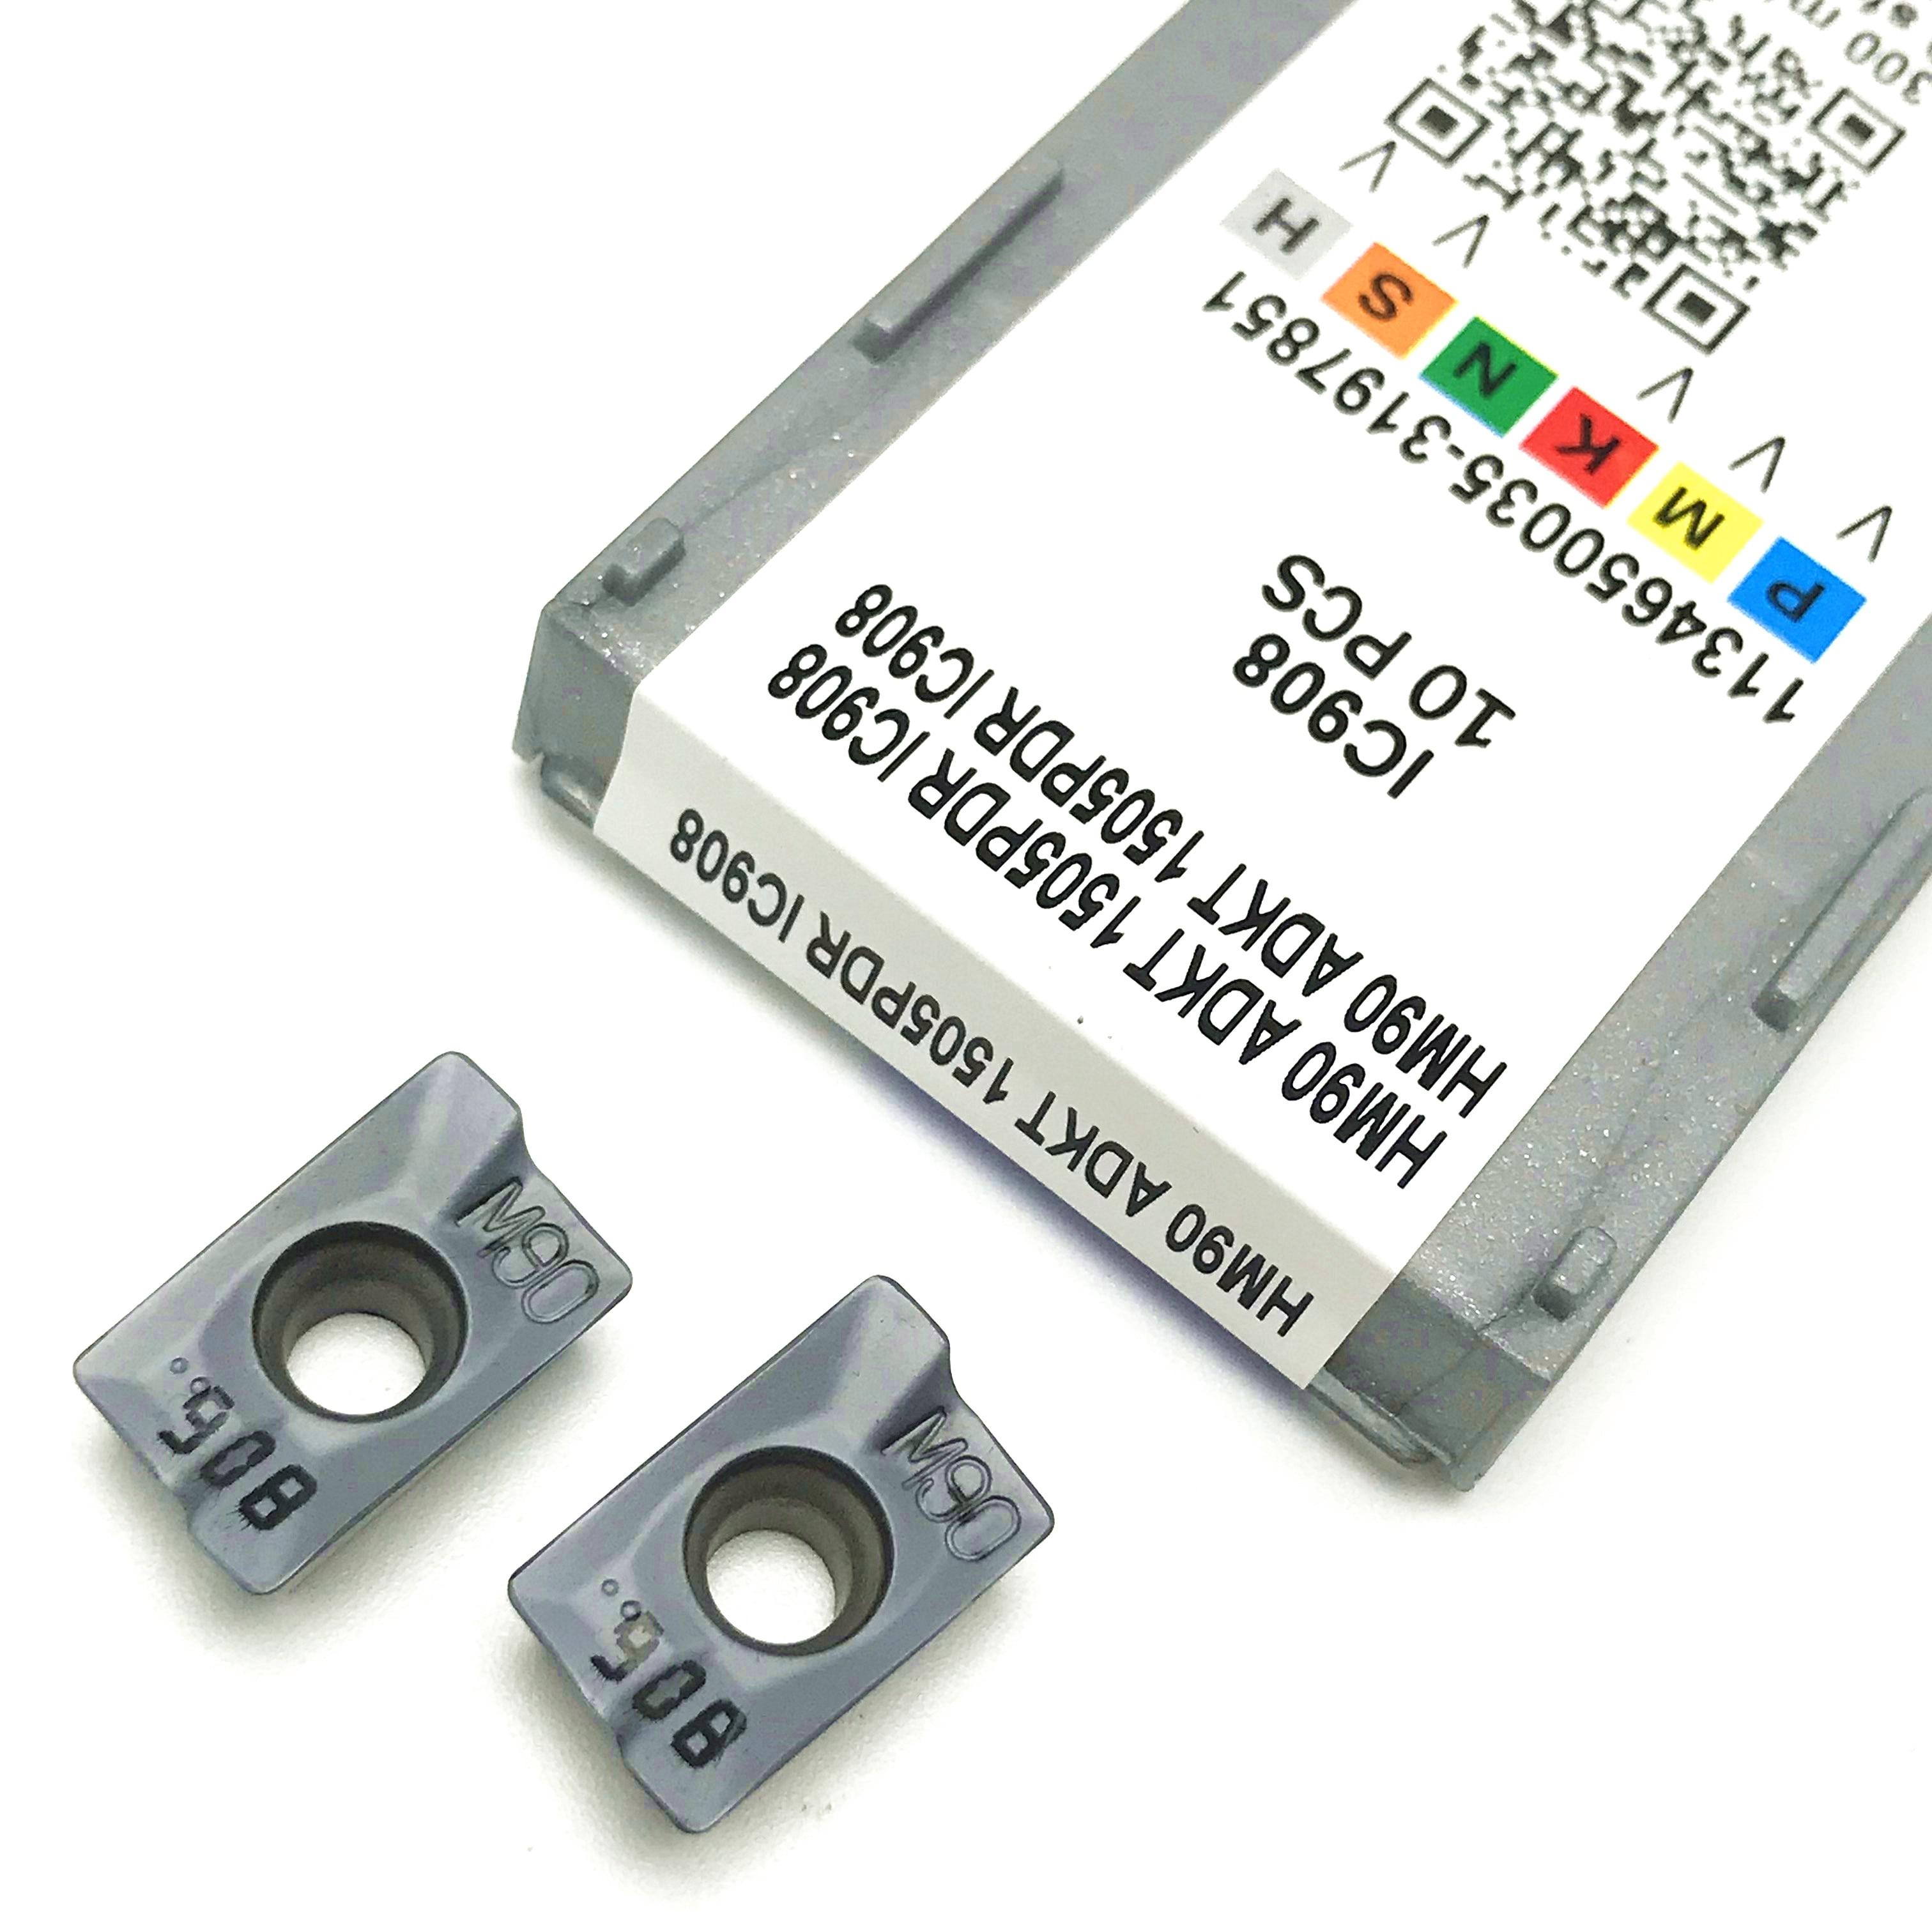 ISC ramię frez HM90 ADKT 1505PDR IC908 frez tokarka cnc frez, wydajne narzędzie obróbcze.